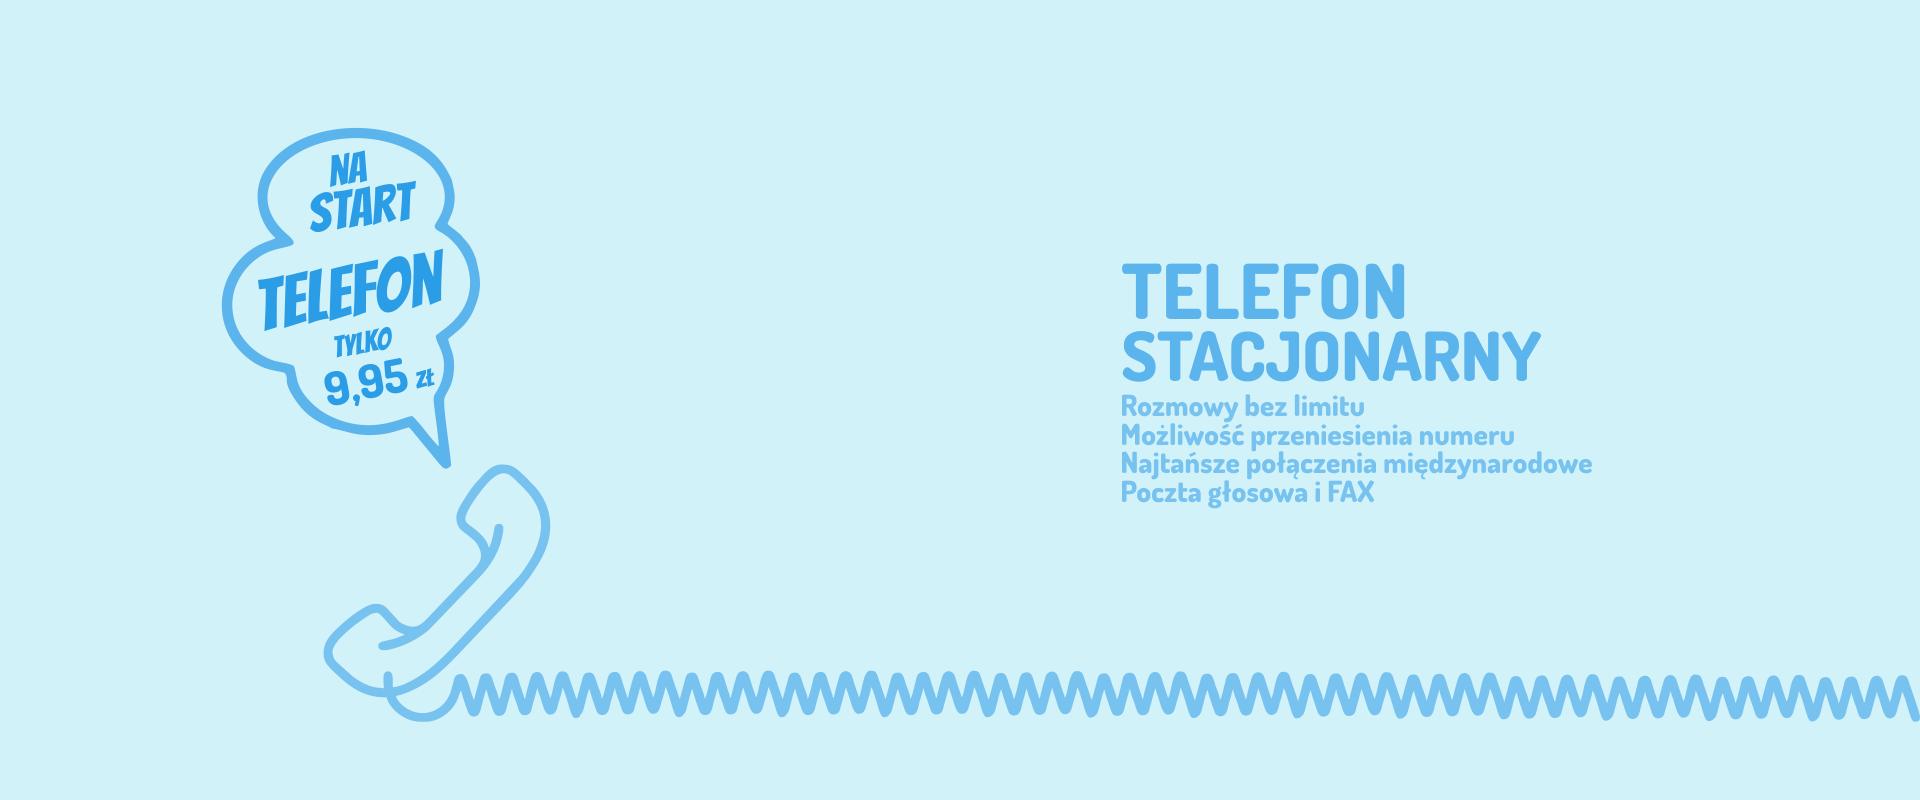 telefonmain03